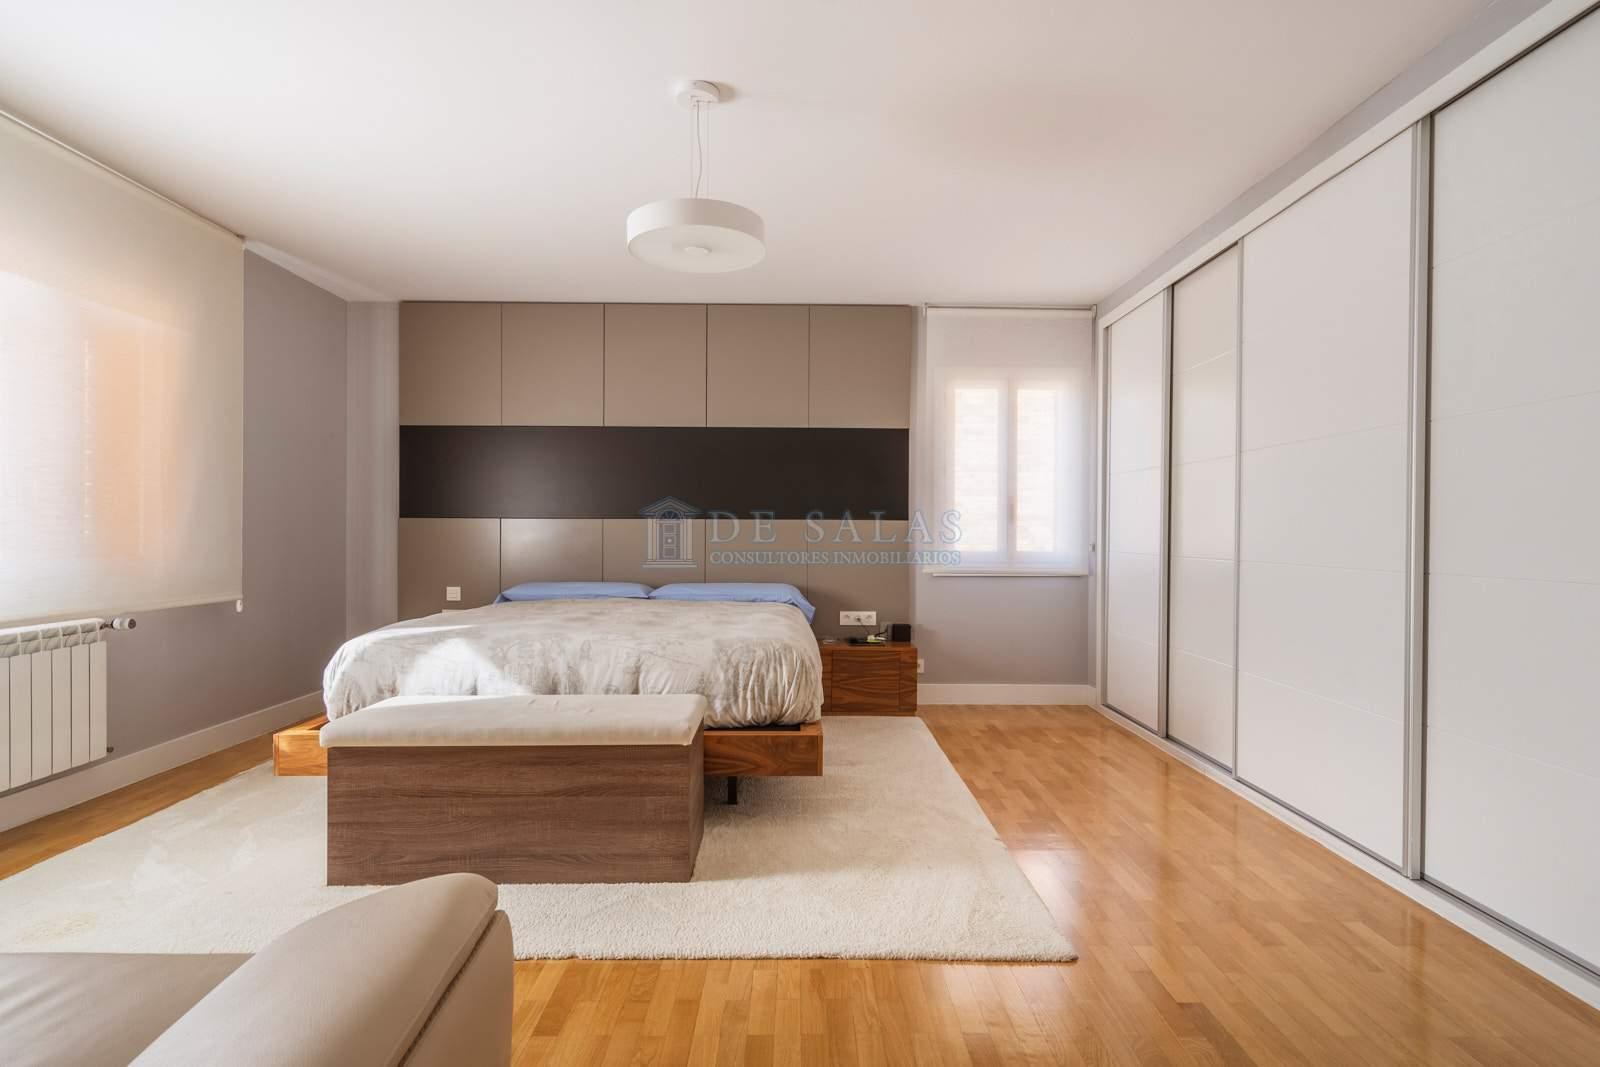 Dormitorio-24 House La Moraleja